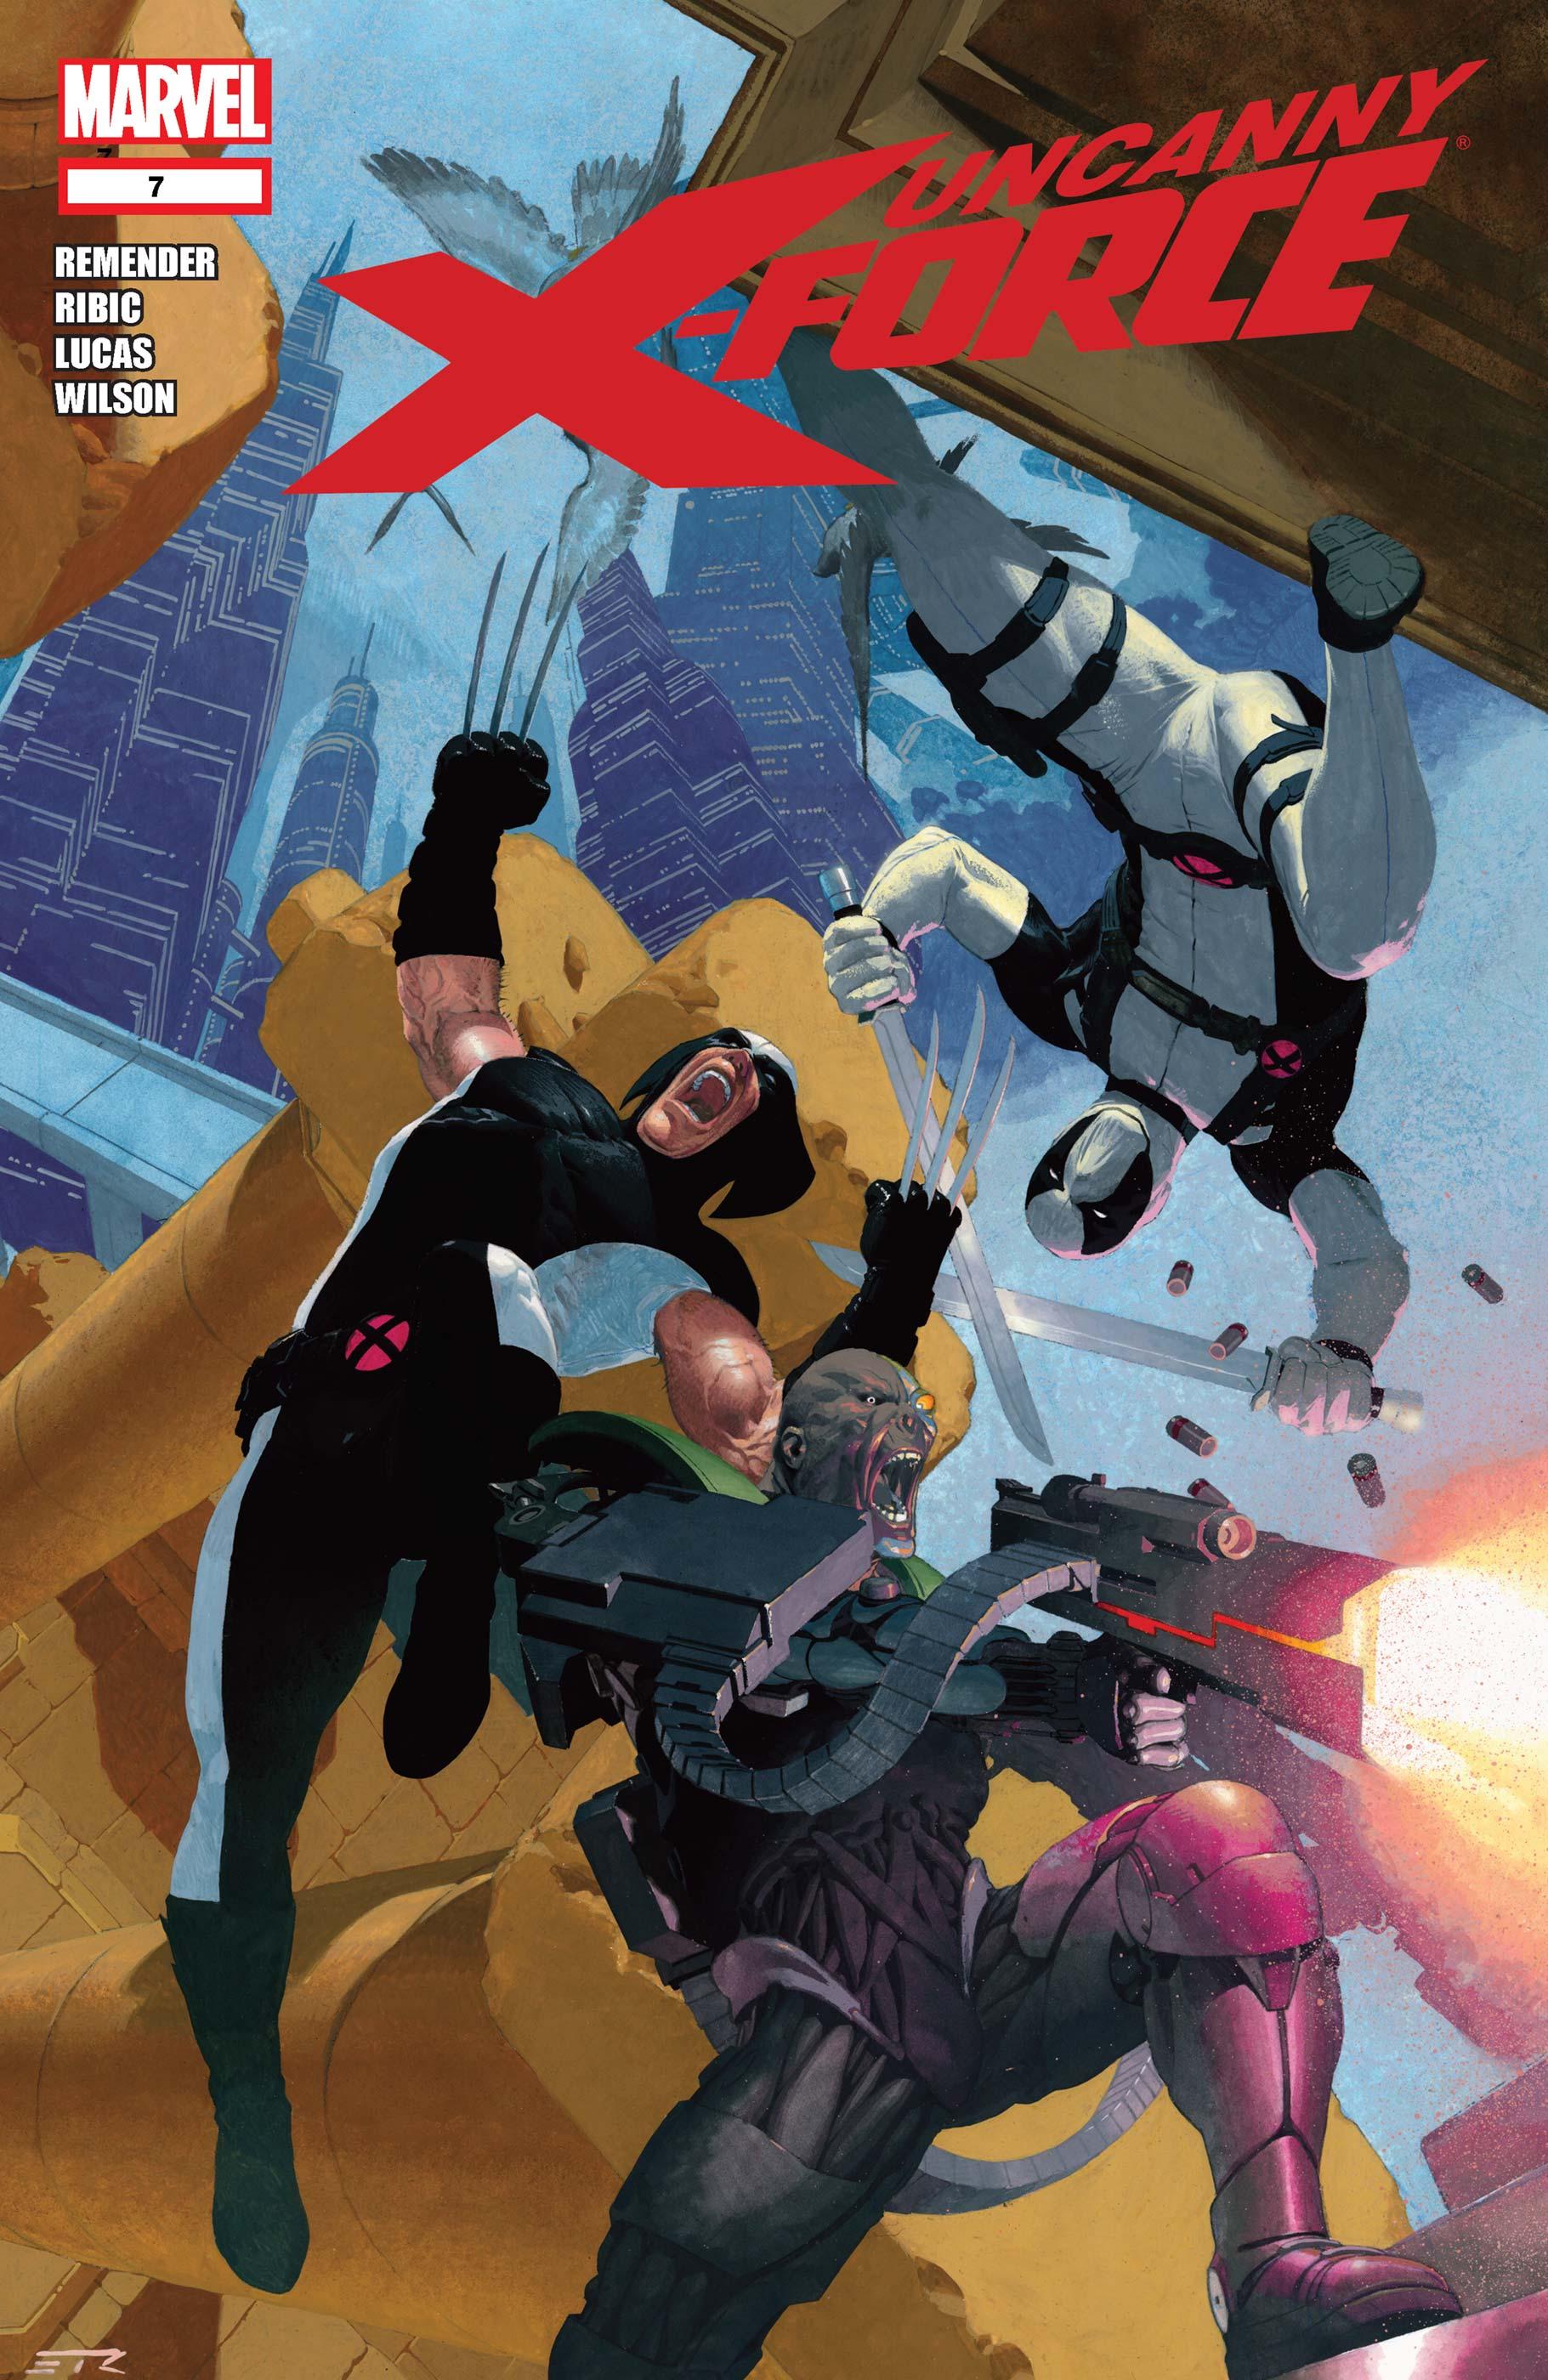 Uncanny X-Force (2010) #7